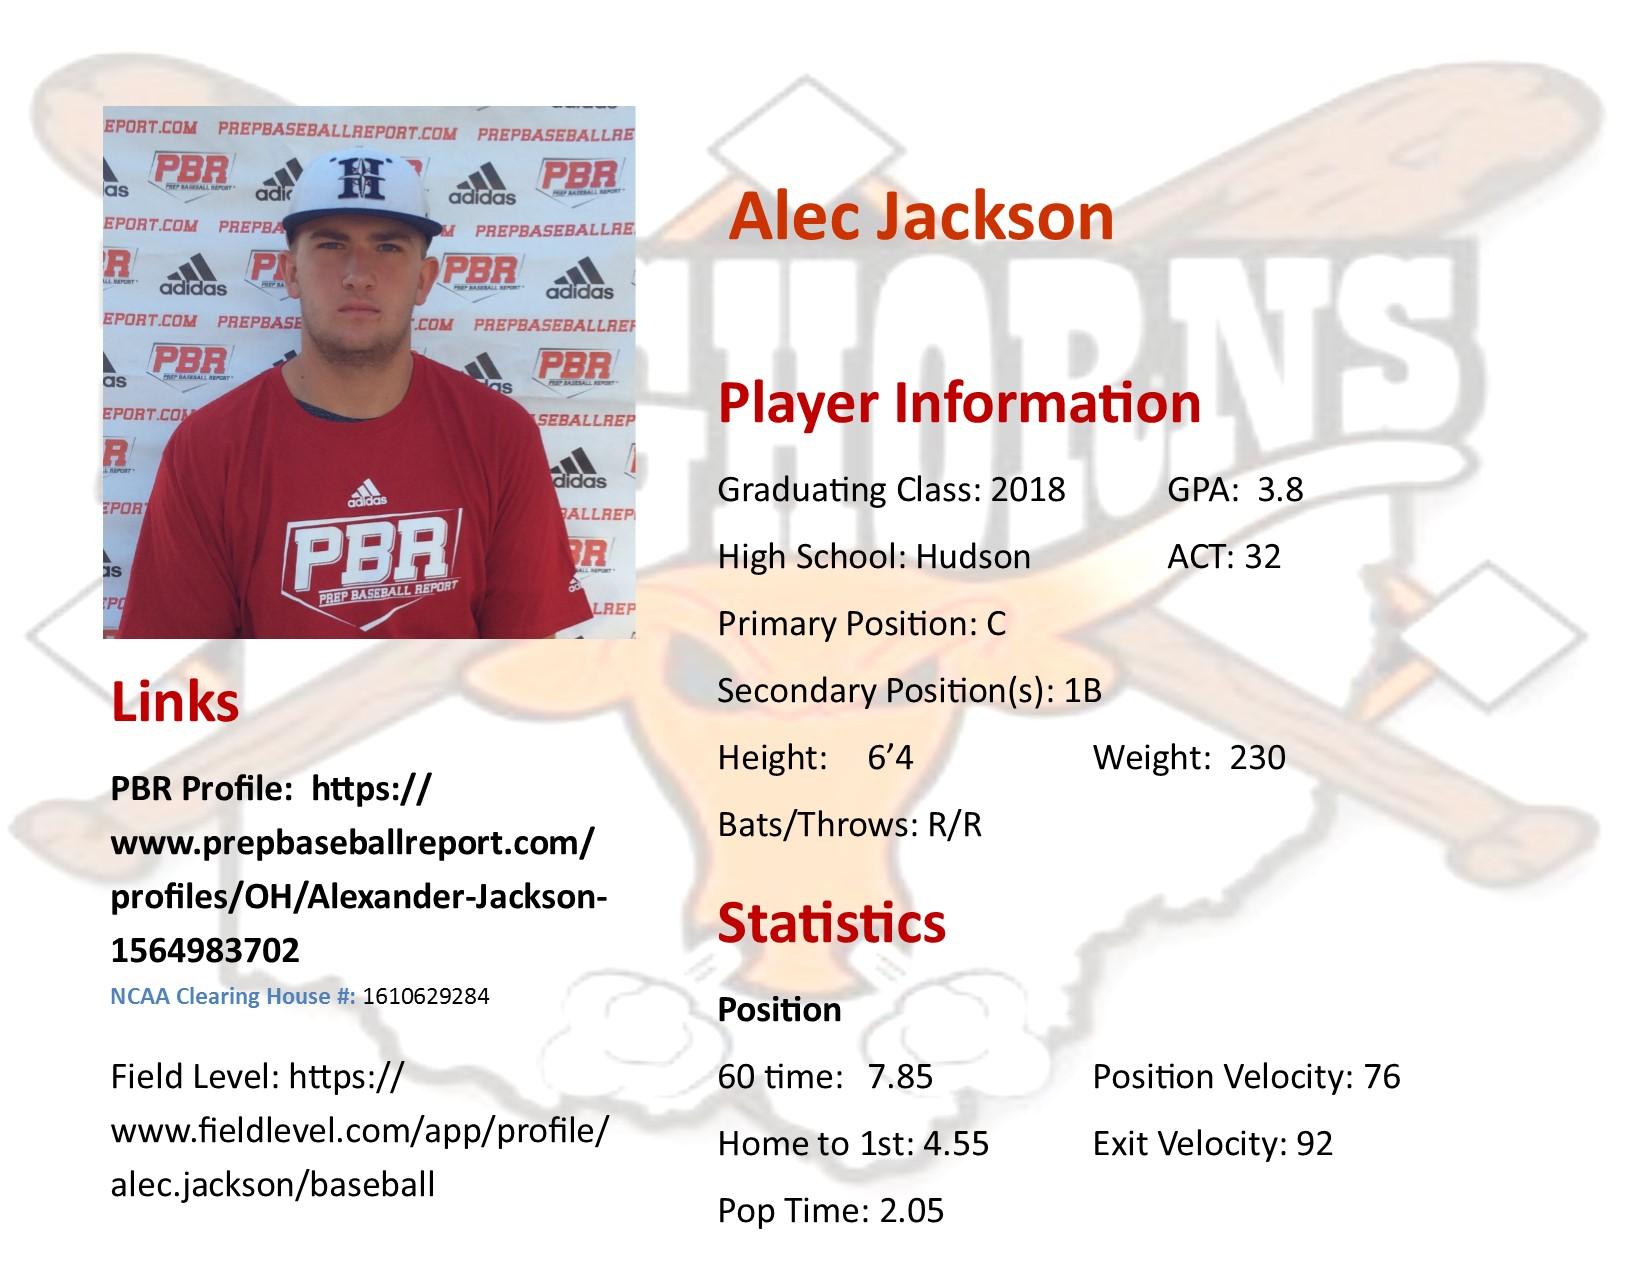 Alec Jackson